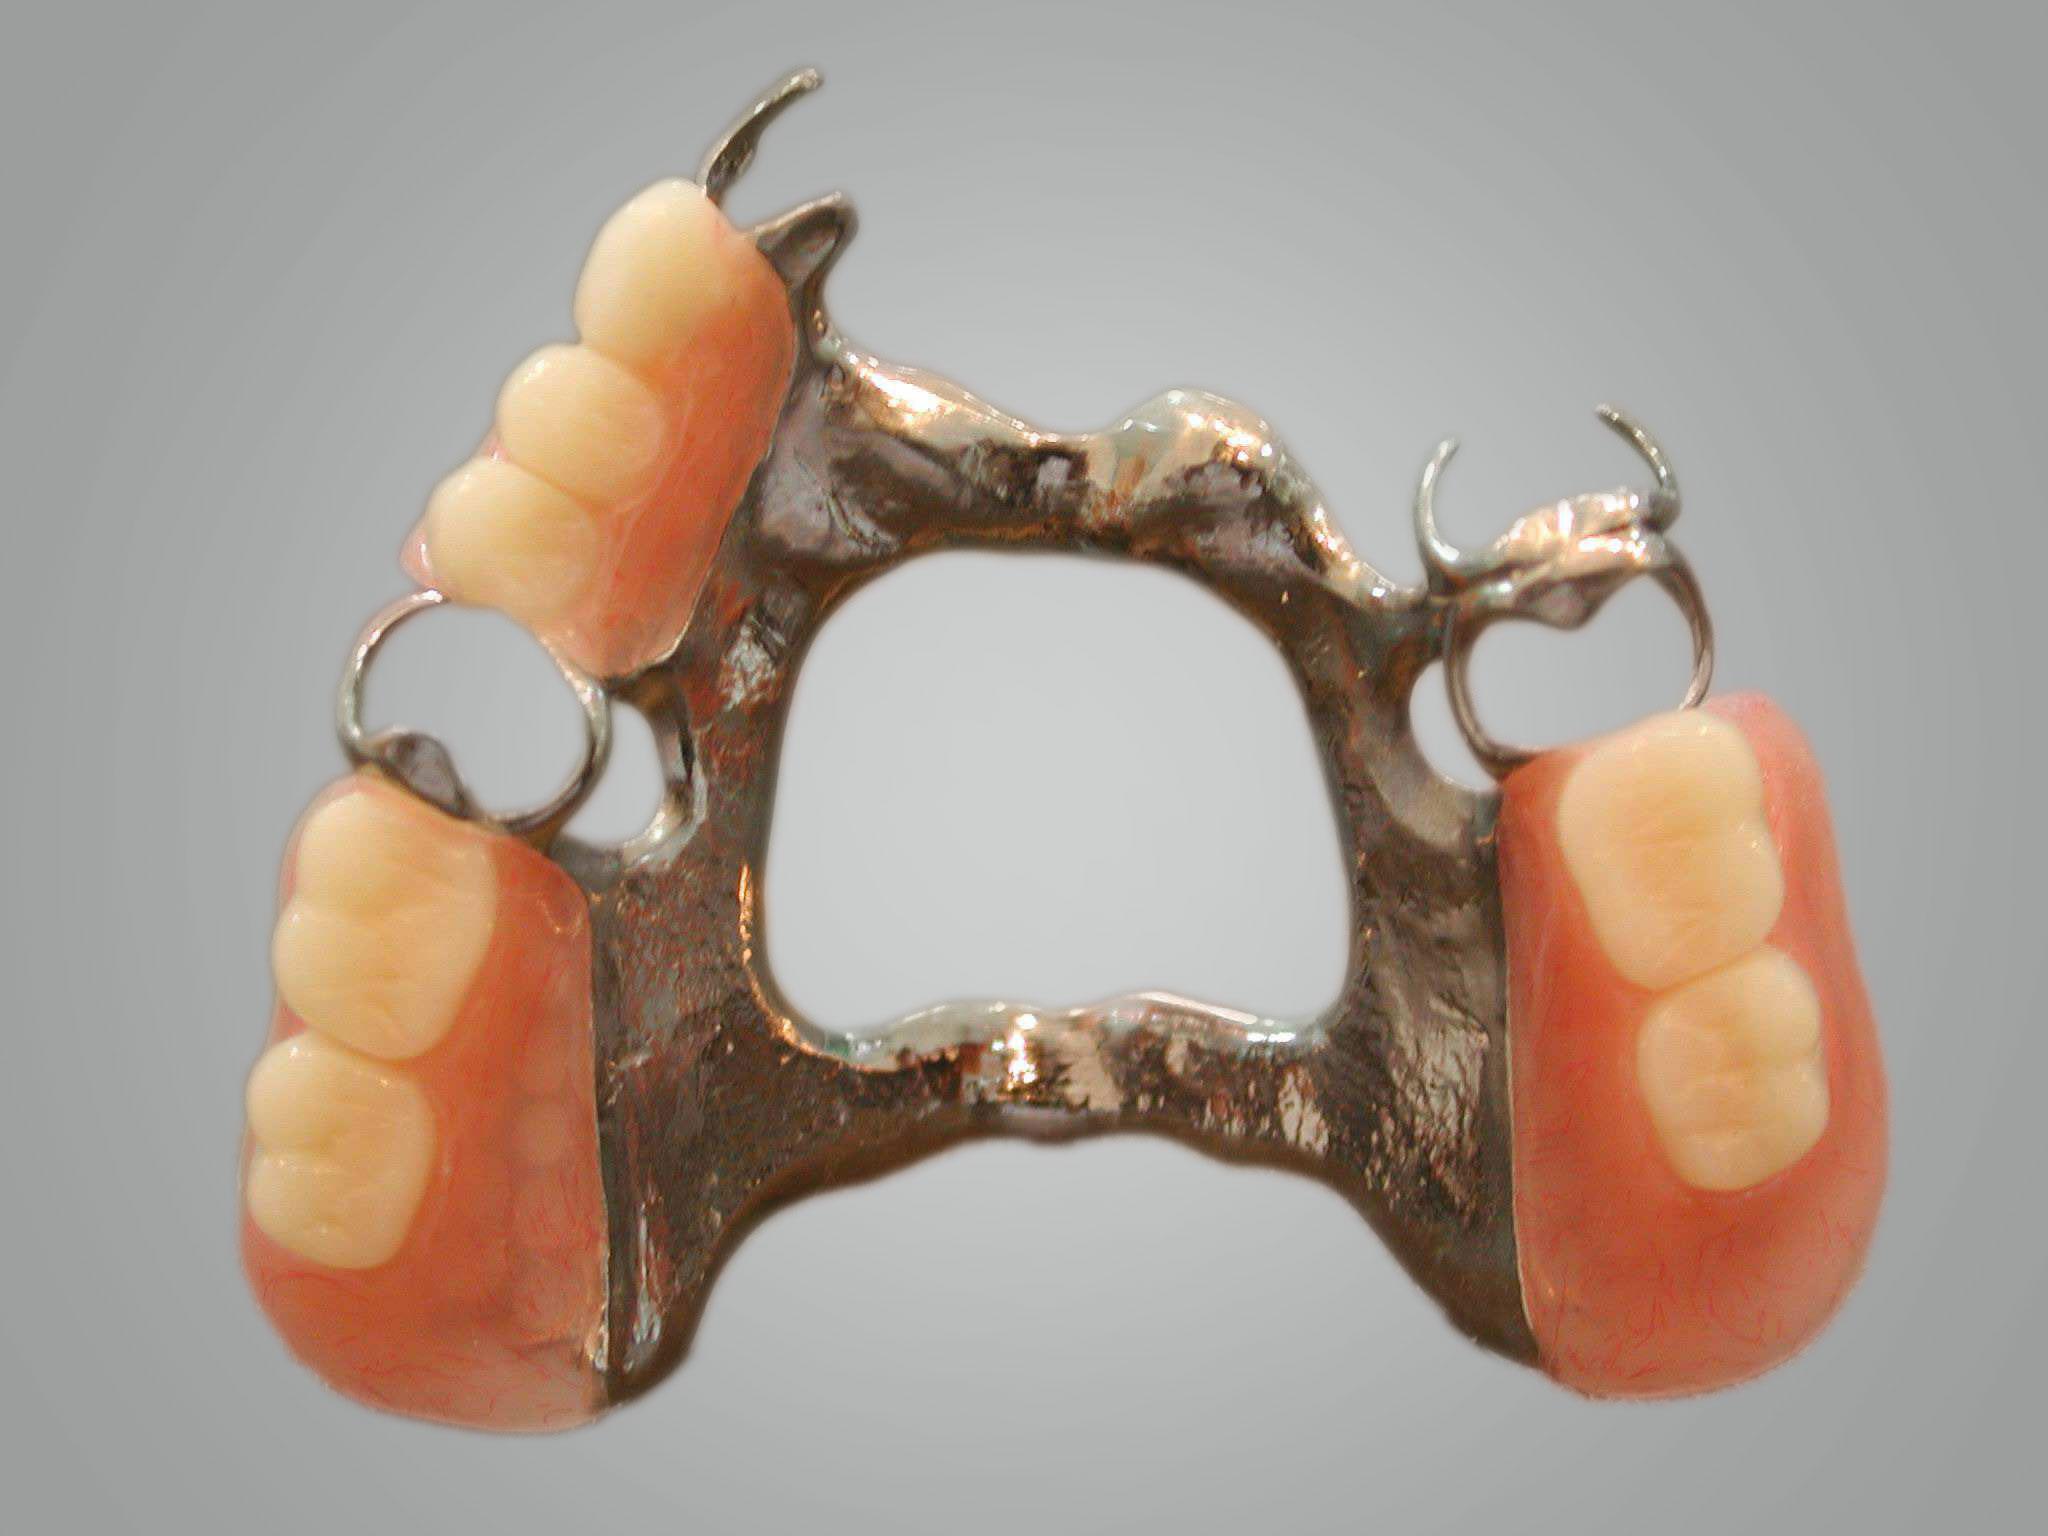 cast metal denture